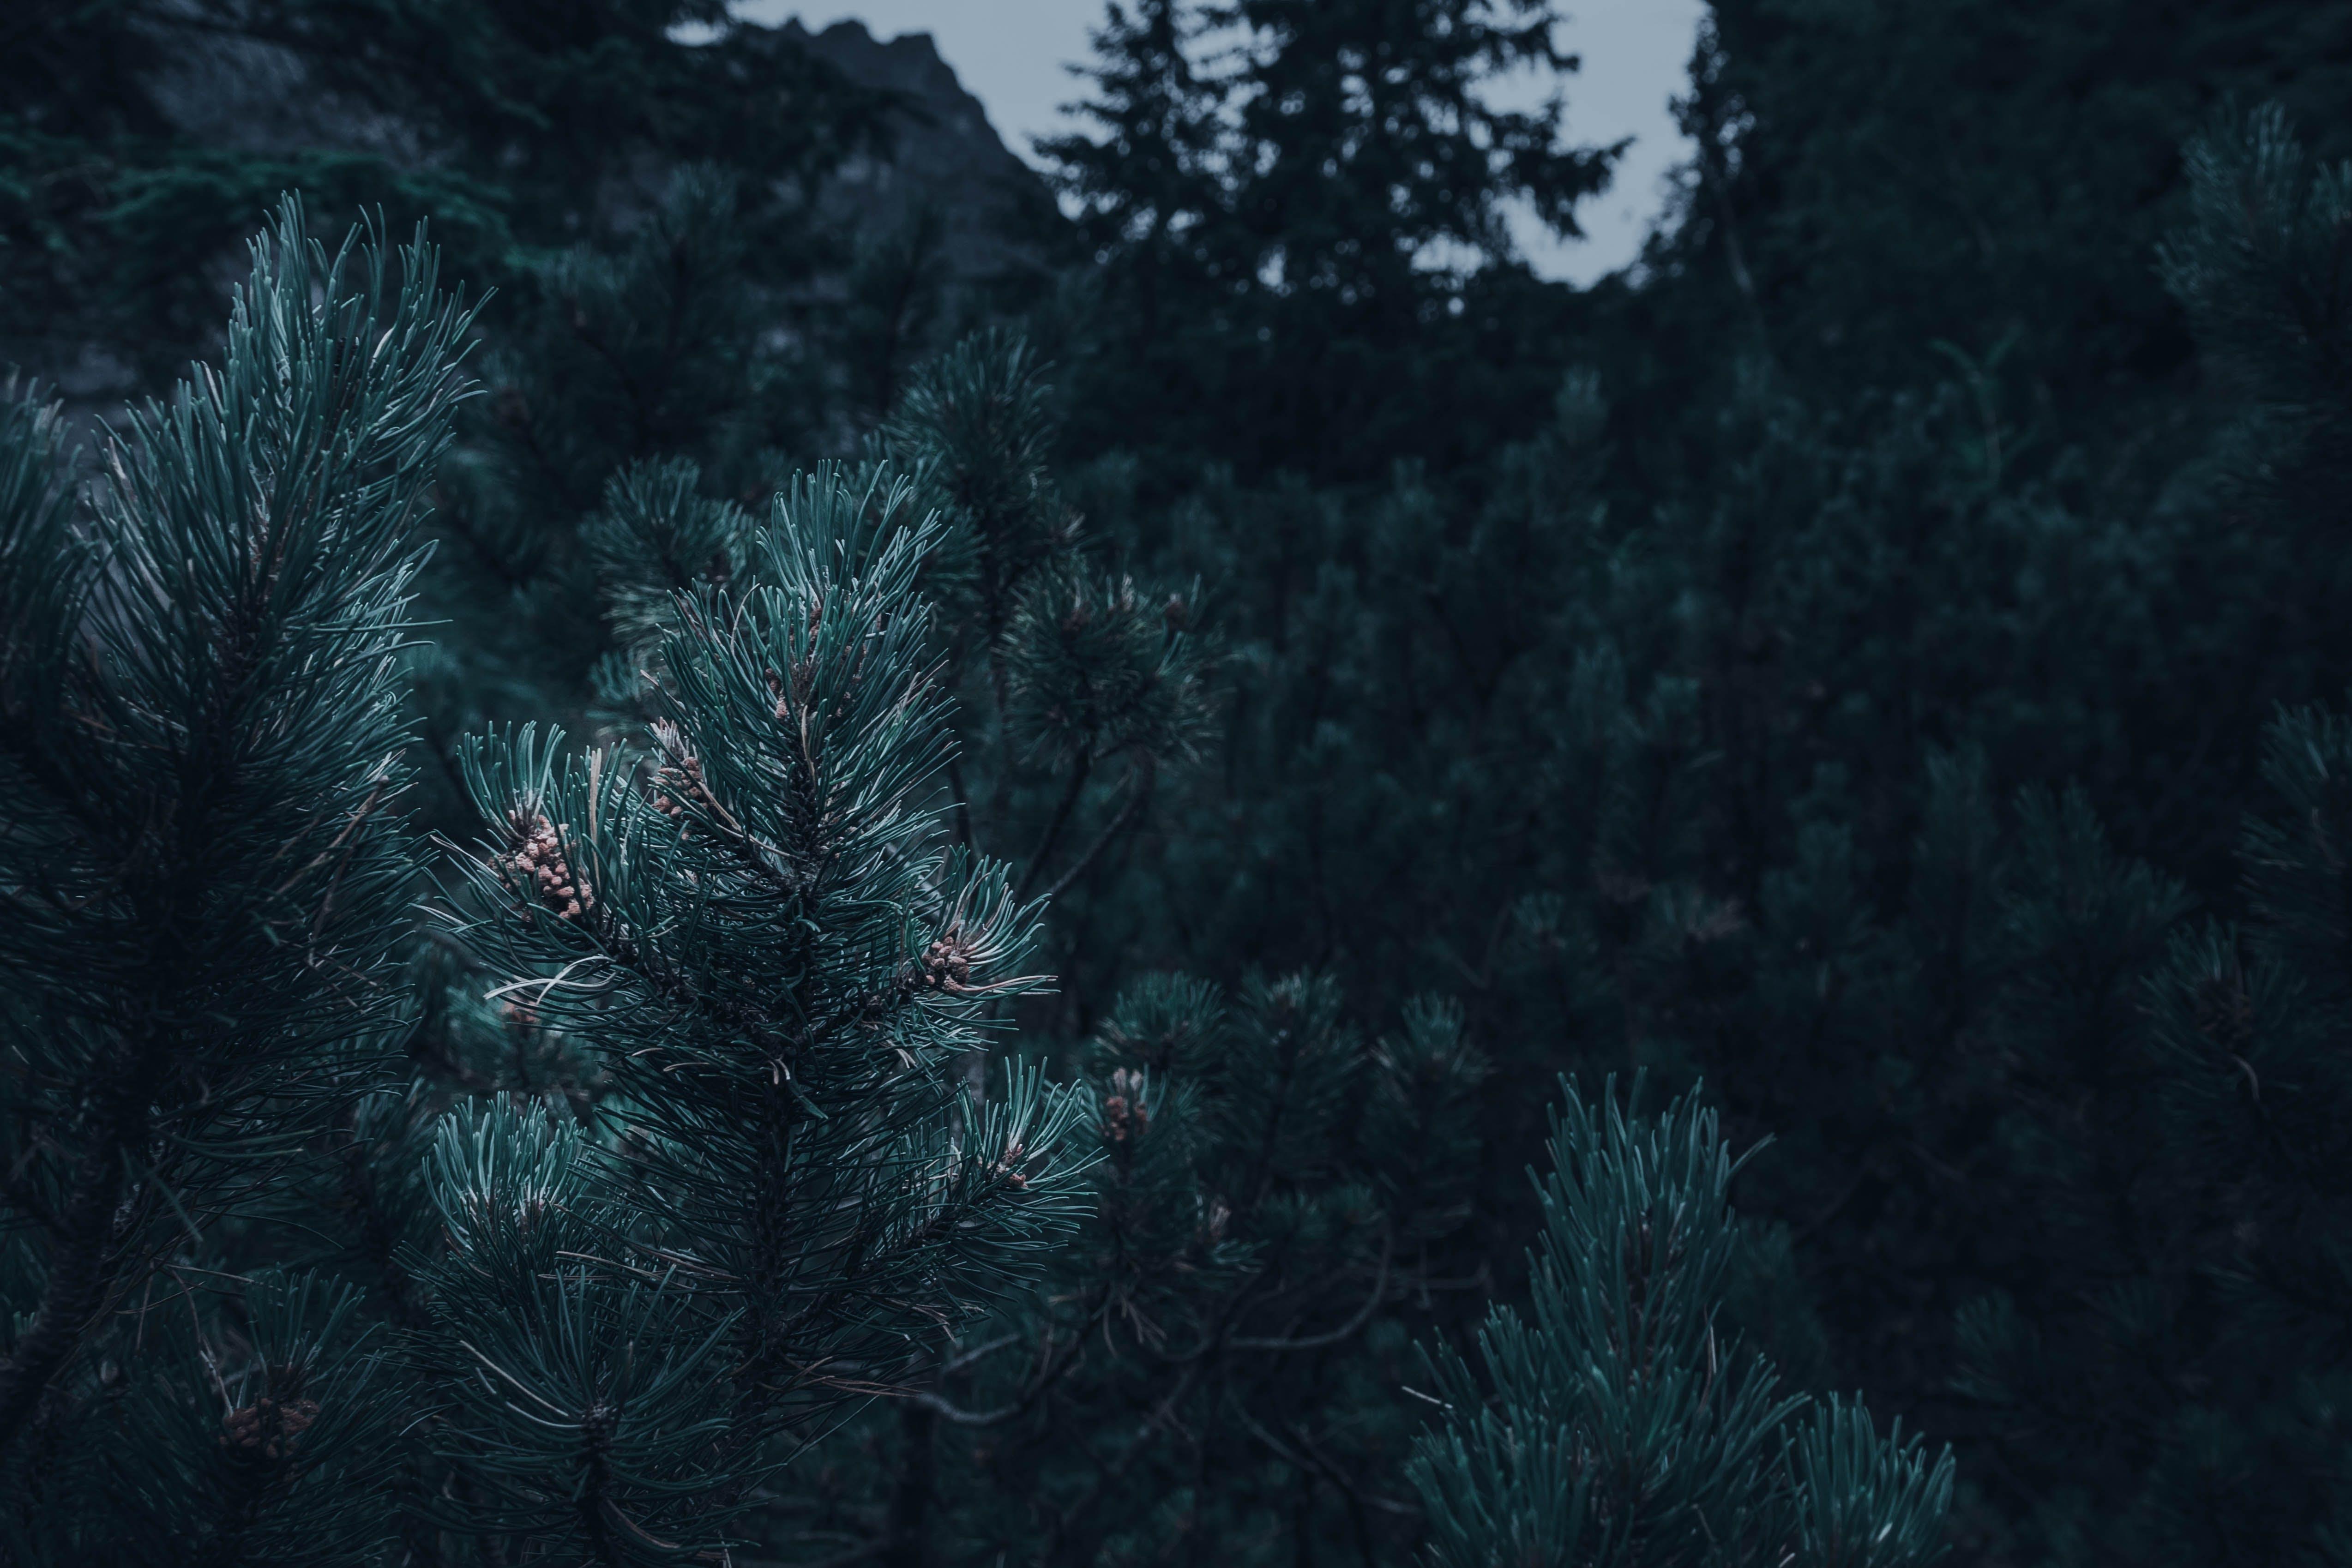 Kostenloses Stock Foto zu bäume, blau, dunkel, dunkelblau